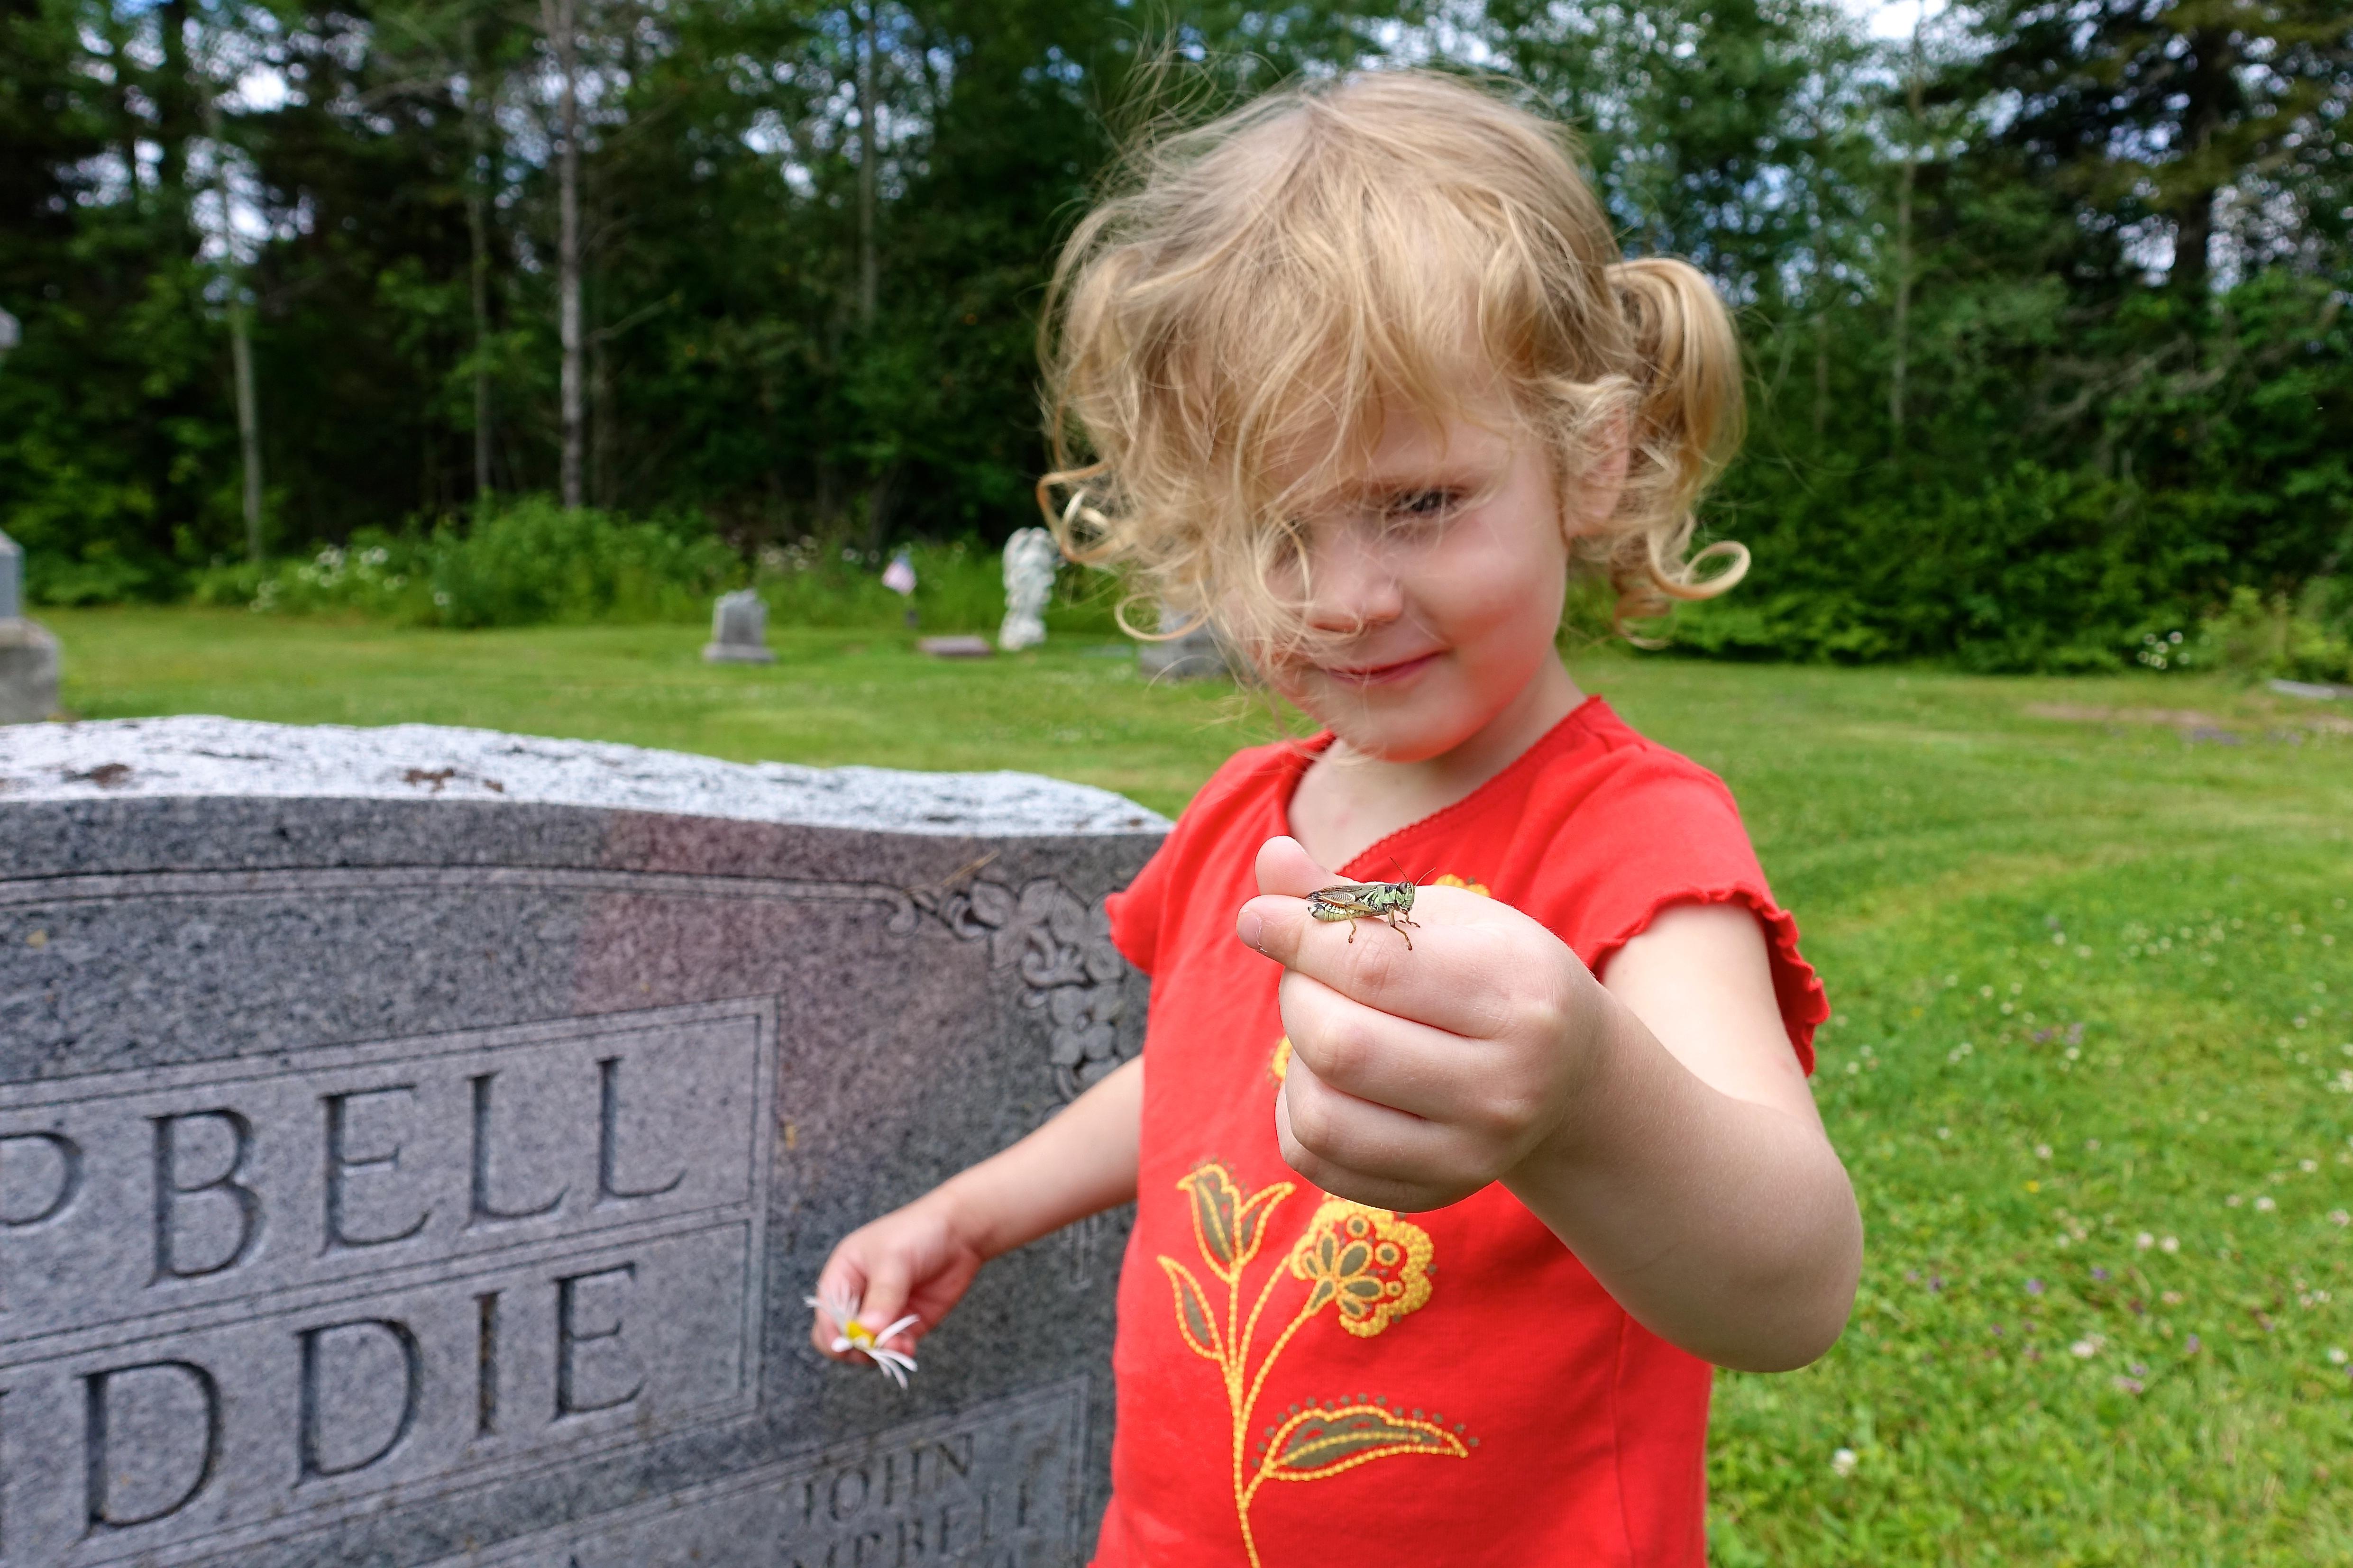 Little Girl with Grasshopper